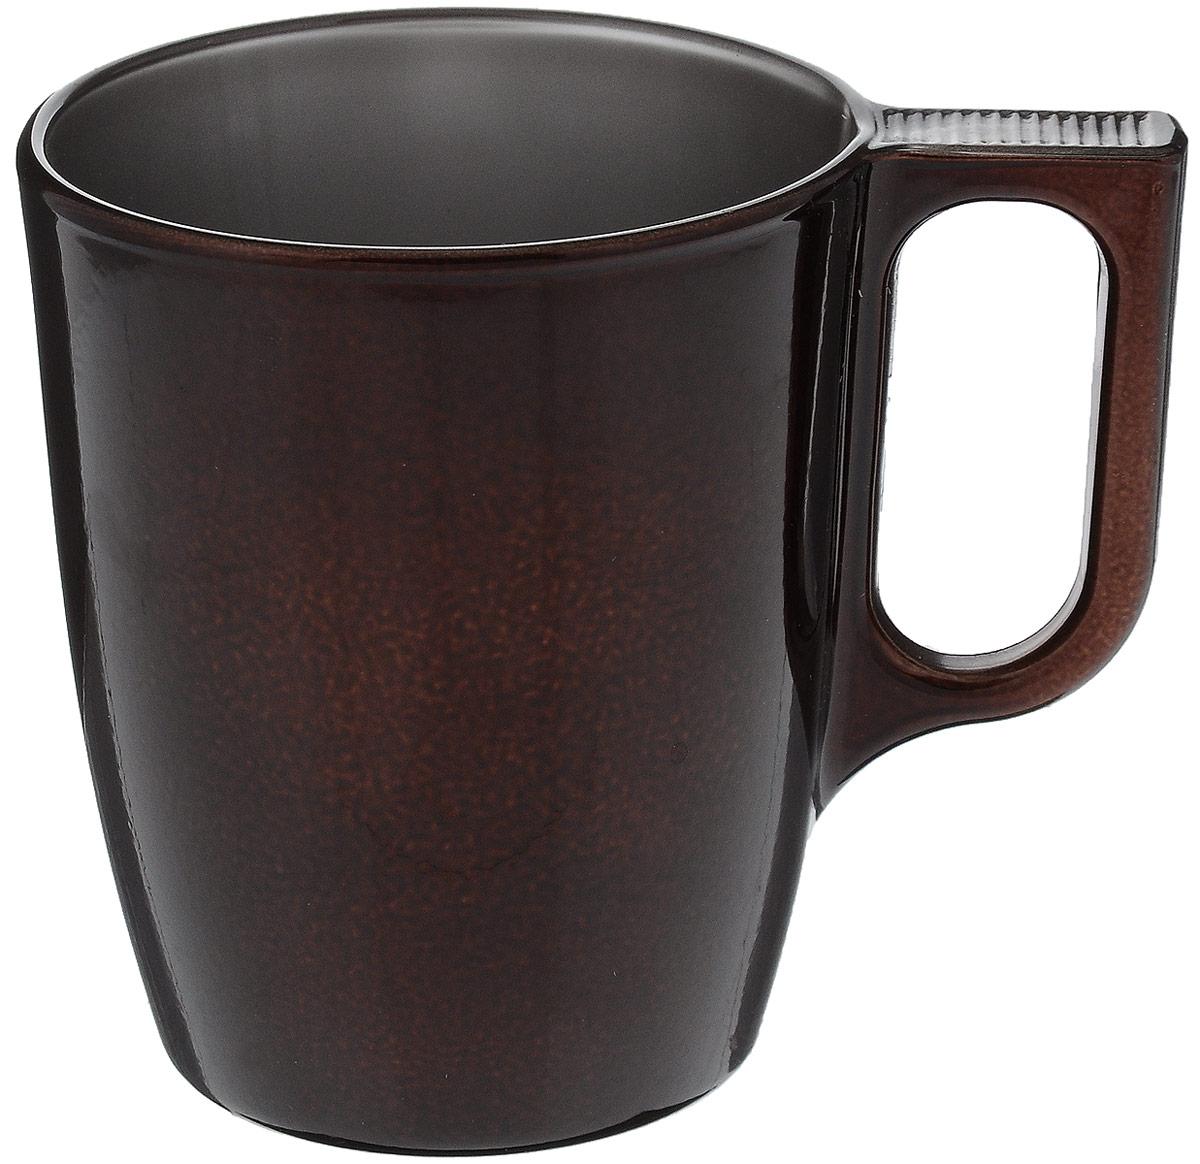 Кружка Luminarc Flashy Сolors, цвет: коричневый, 250 млJ1120Кружка Flashy Colors выполнена в современном дизайне и имеет приятный насыщенный цвет. Кофе, чай, какао, любой напиток покажется в ней ароматнее и вкуснее. Кружка объемом 250 мл подойдет для ежедневного использования на кухне с любым интерьером. Кружка изготовлена из ударопрочного стекла и не впитывает запахи. Она может быть использована в СВЧ-печи и посудомоечной машине.Диаметр кружки по верхнему краю: 7,4 см.Высота: 9 см.